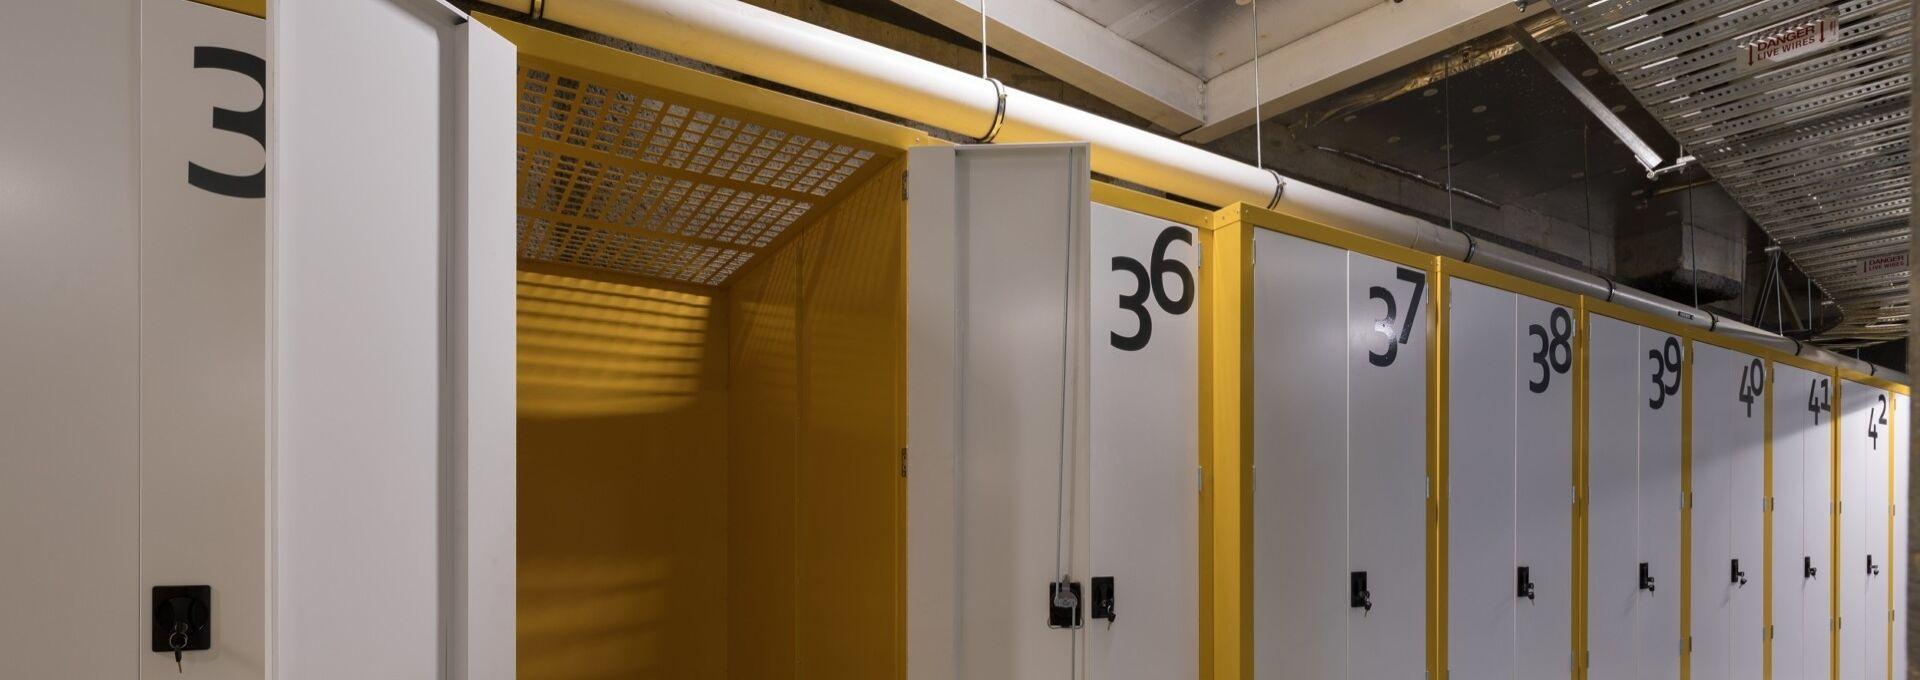 projects_kepa_rd_lockers_3